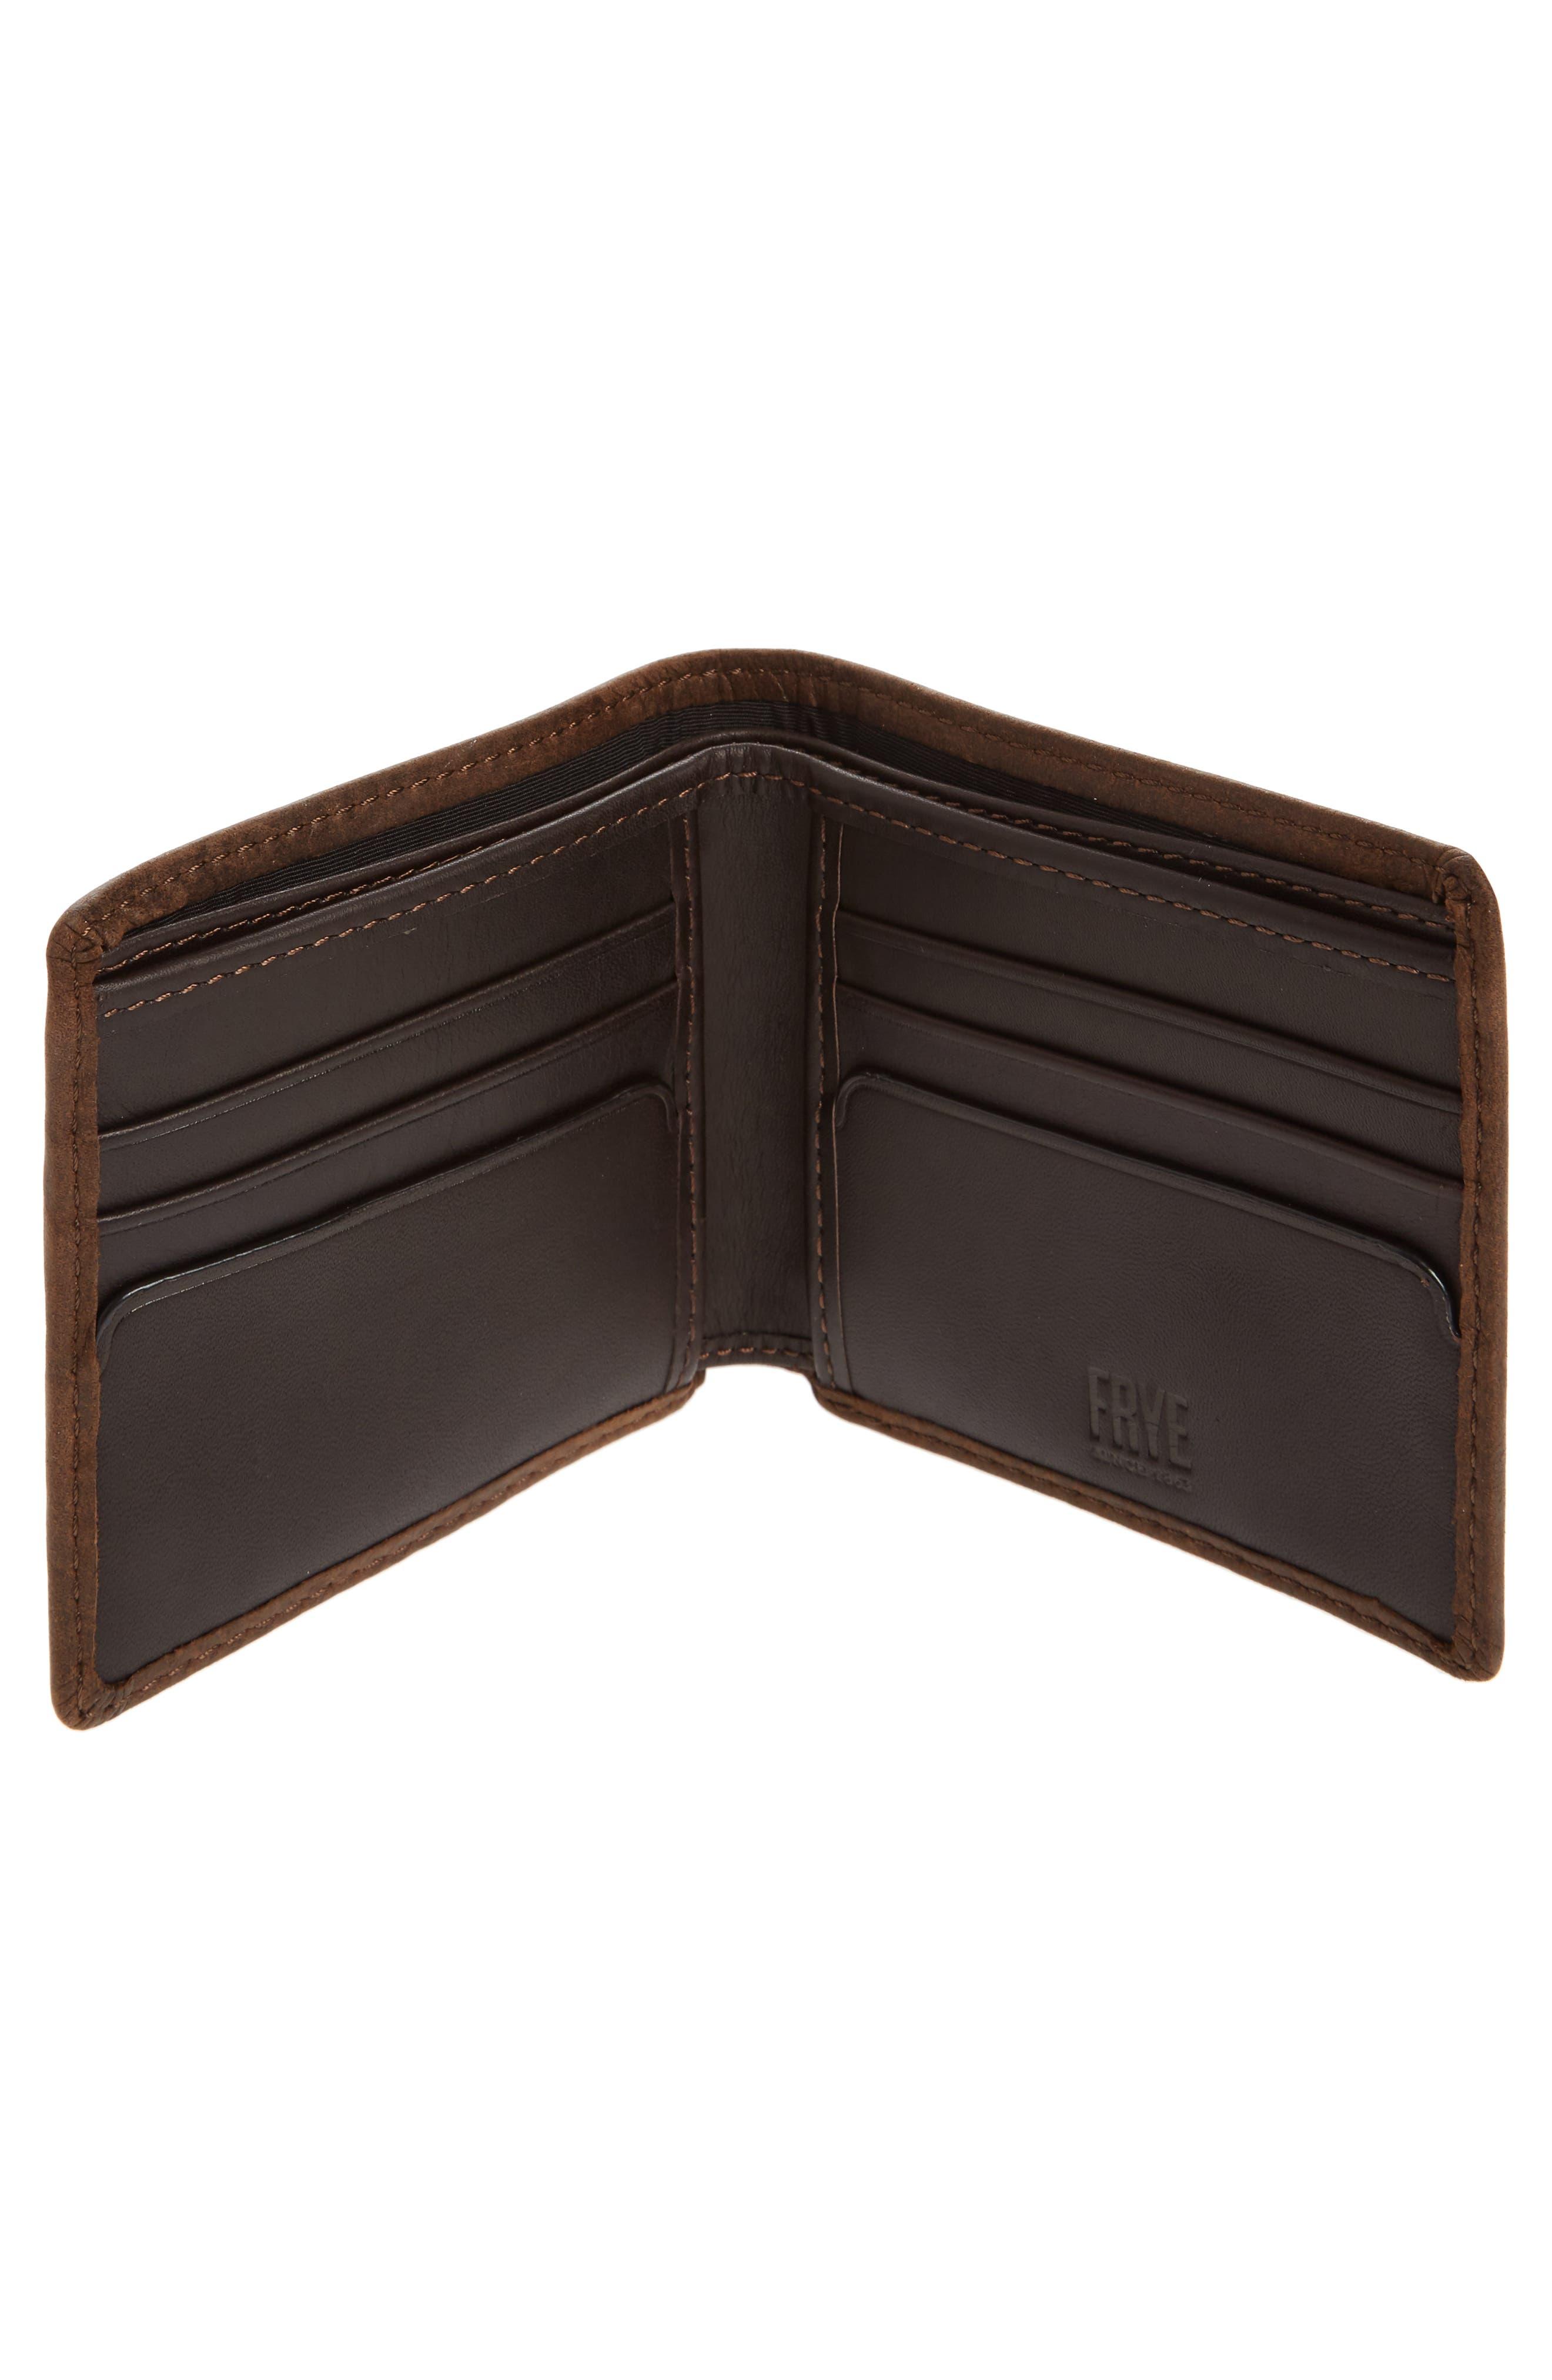 FRYE, Oliver Leather Wallet, Alternate thumbnail 3, color, DARK BROWN